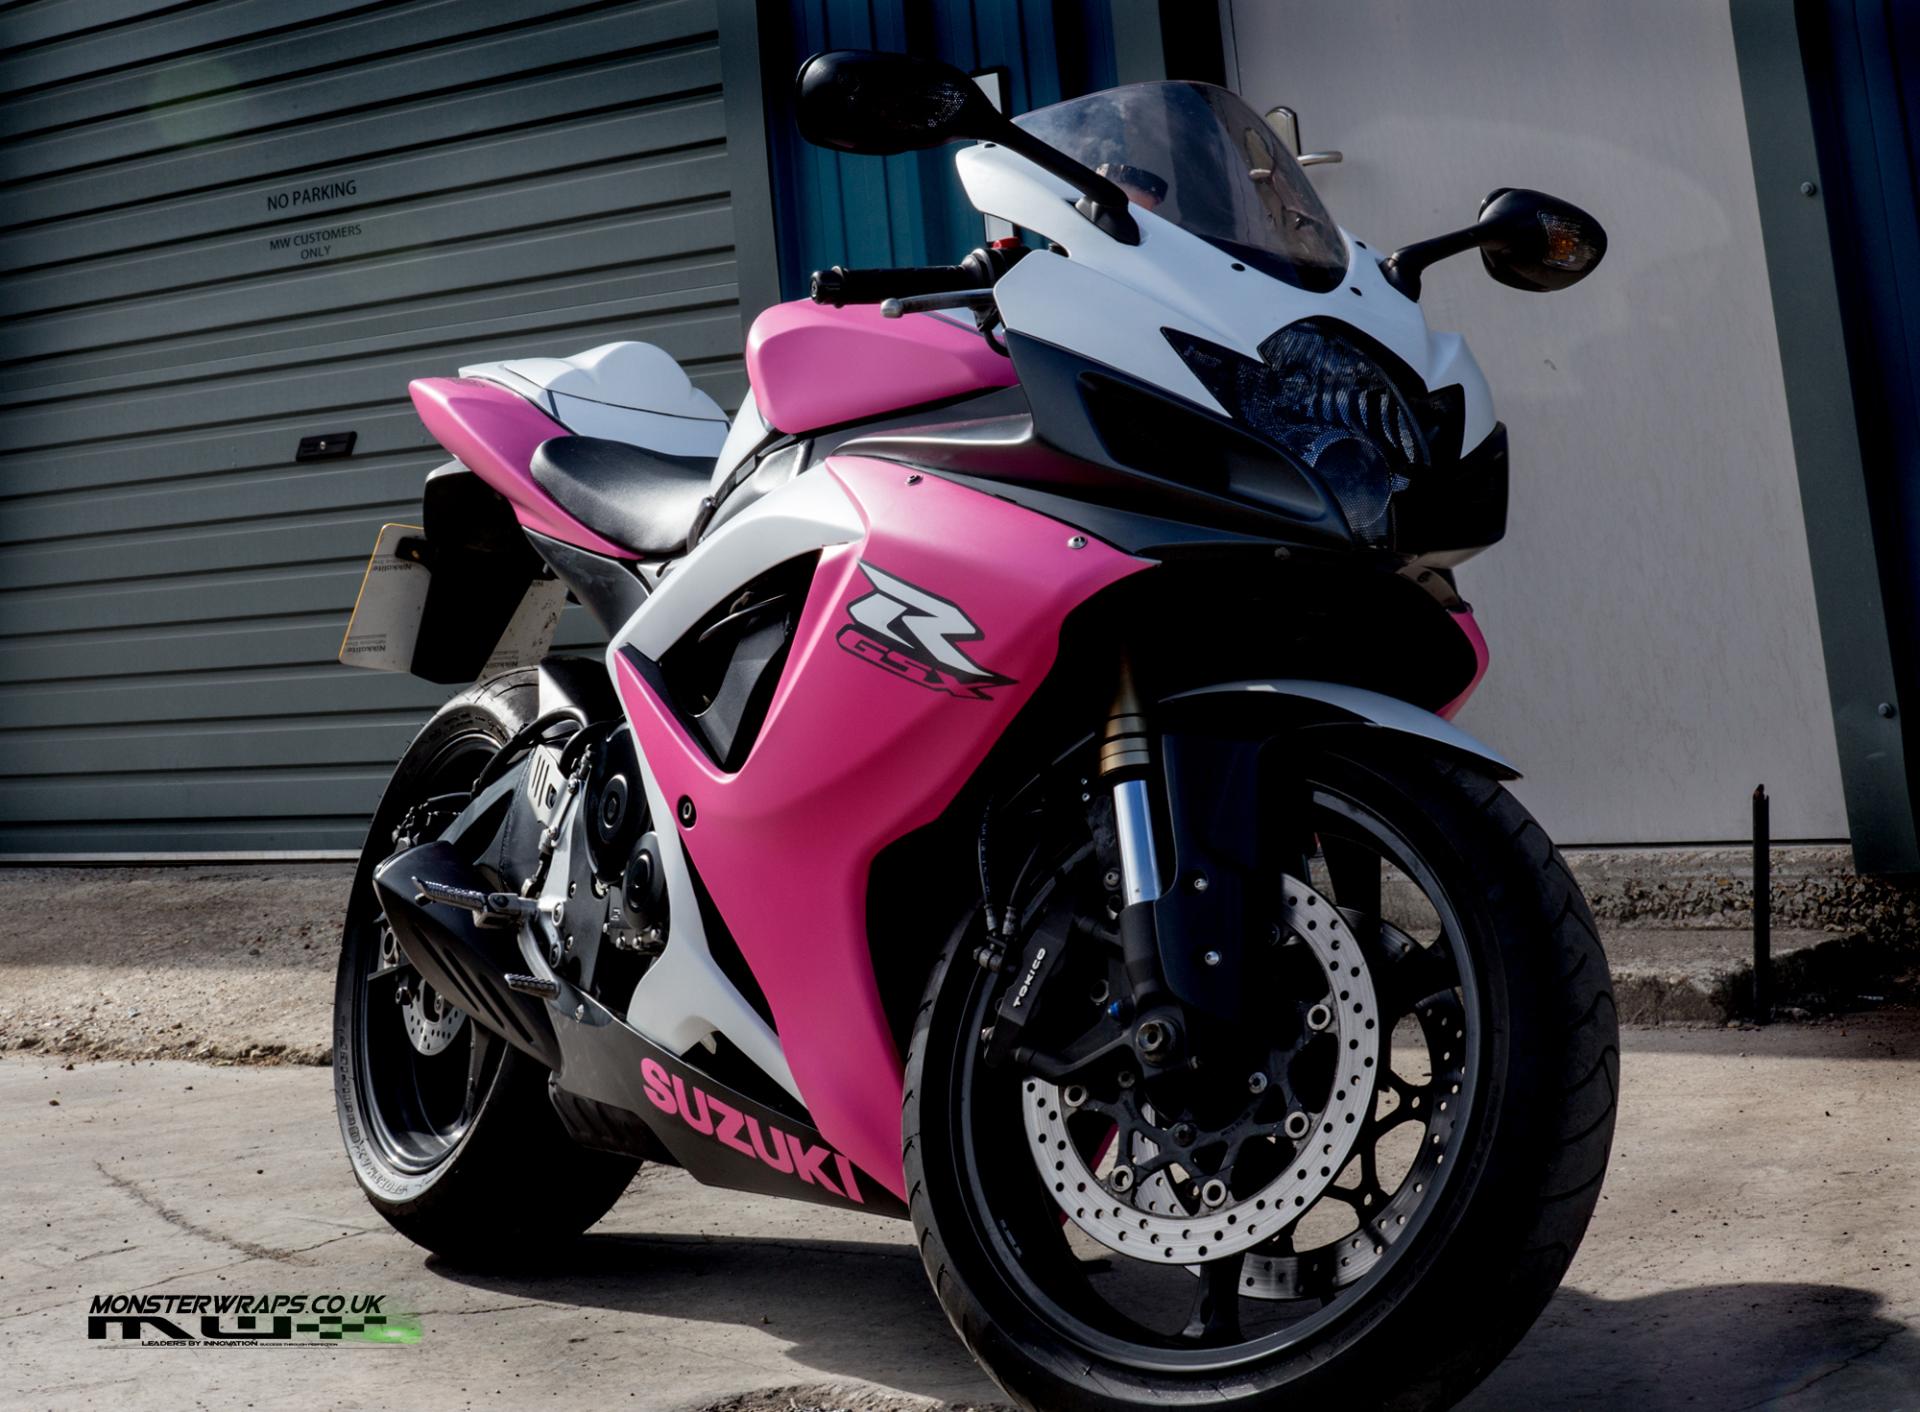 Suzuki GSXR 600 Full wrap to matte white and matte pink 3M bike wrap